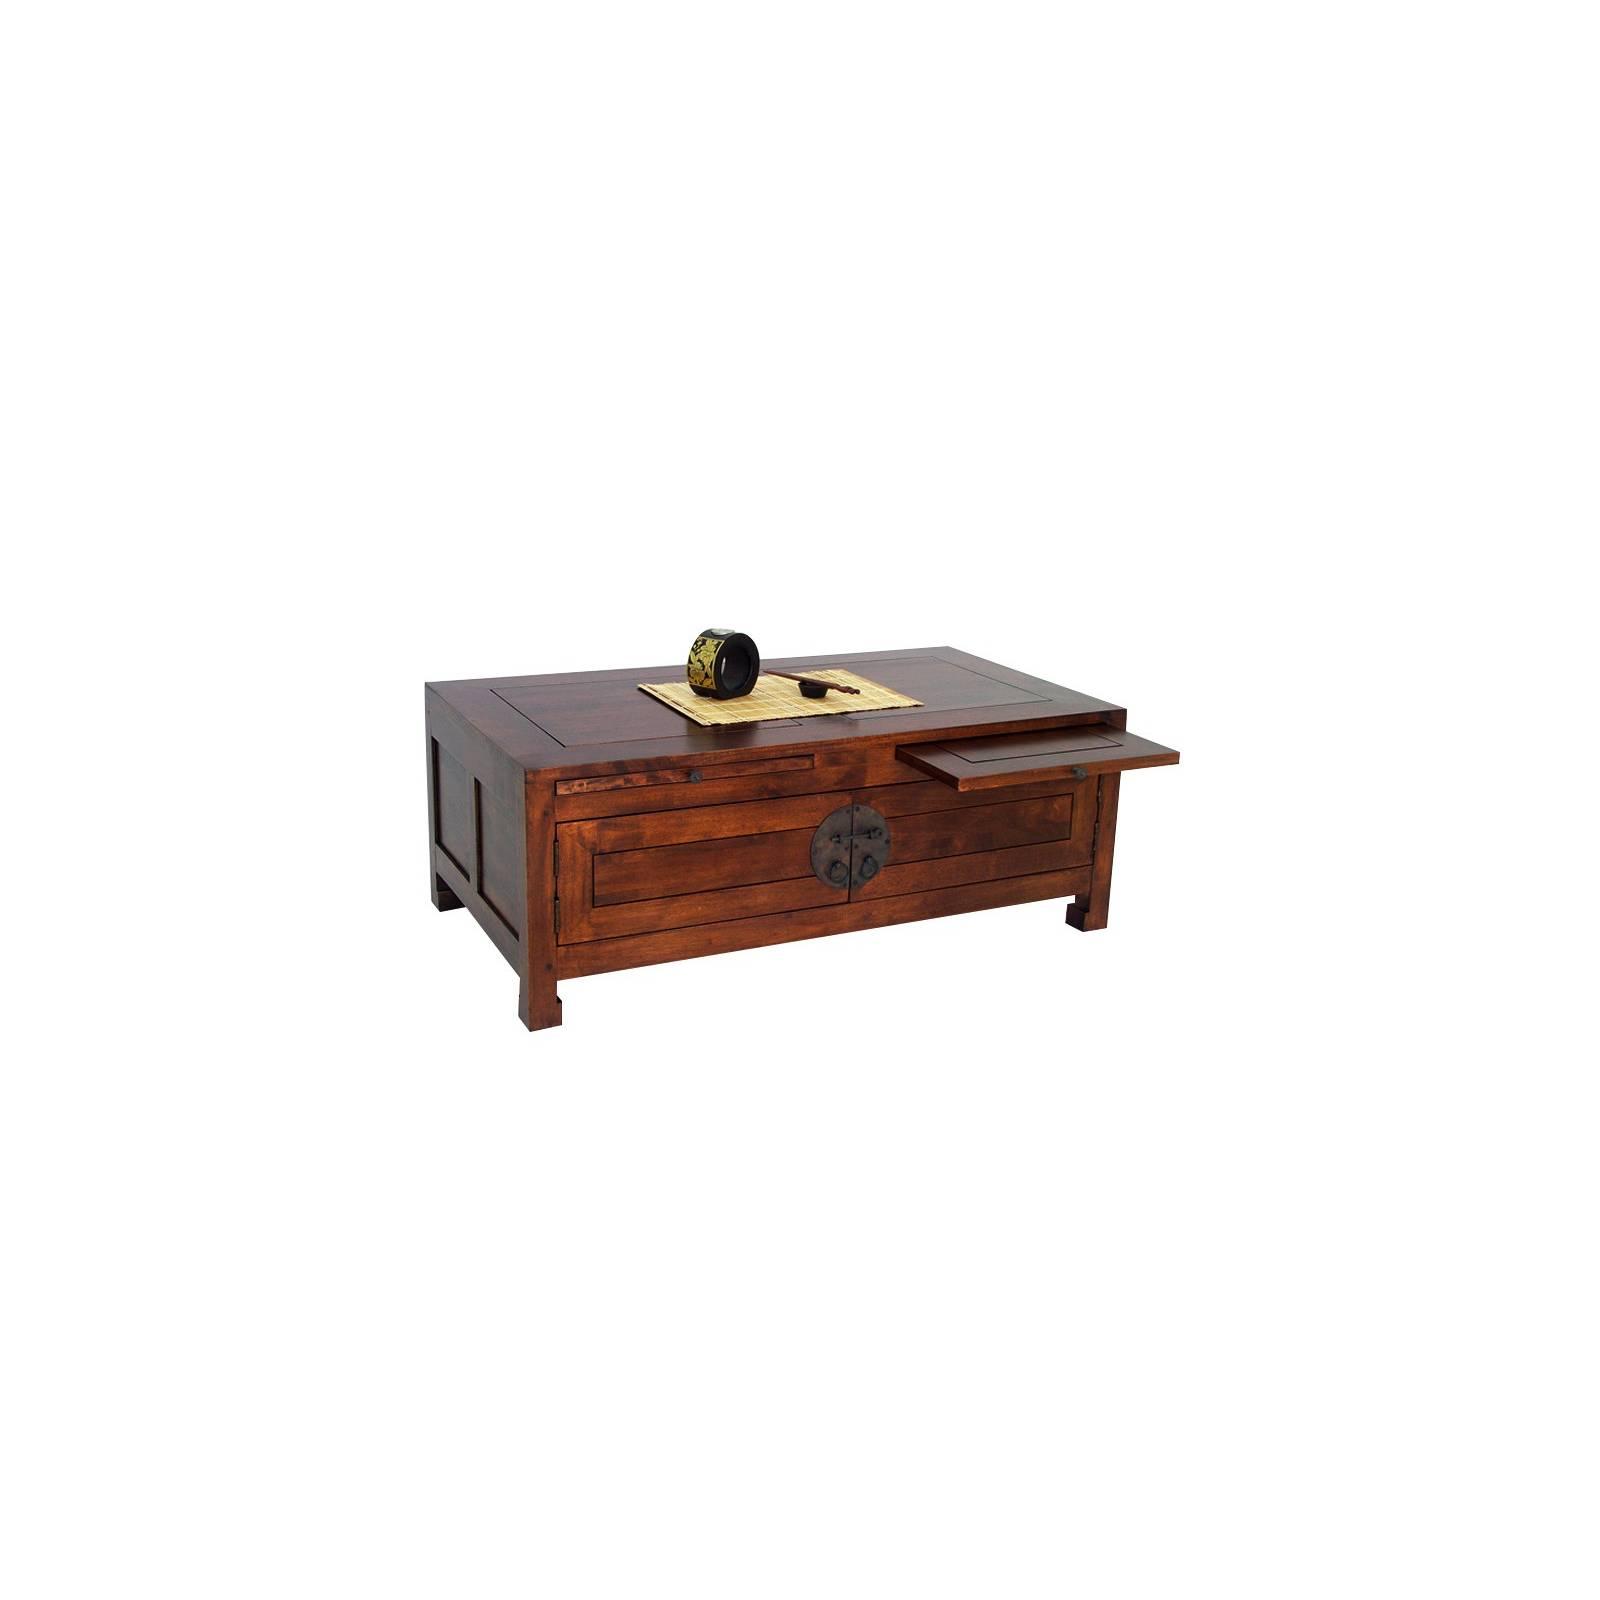 Table Basse Rectangulaire Chine Hévéa - meuble bois exotique